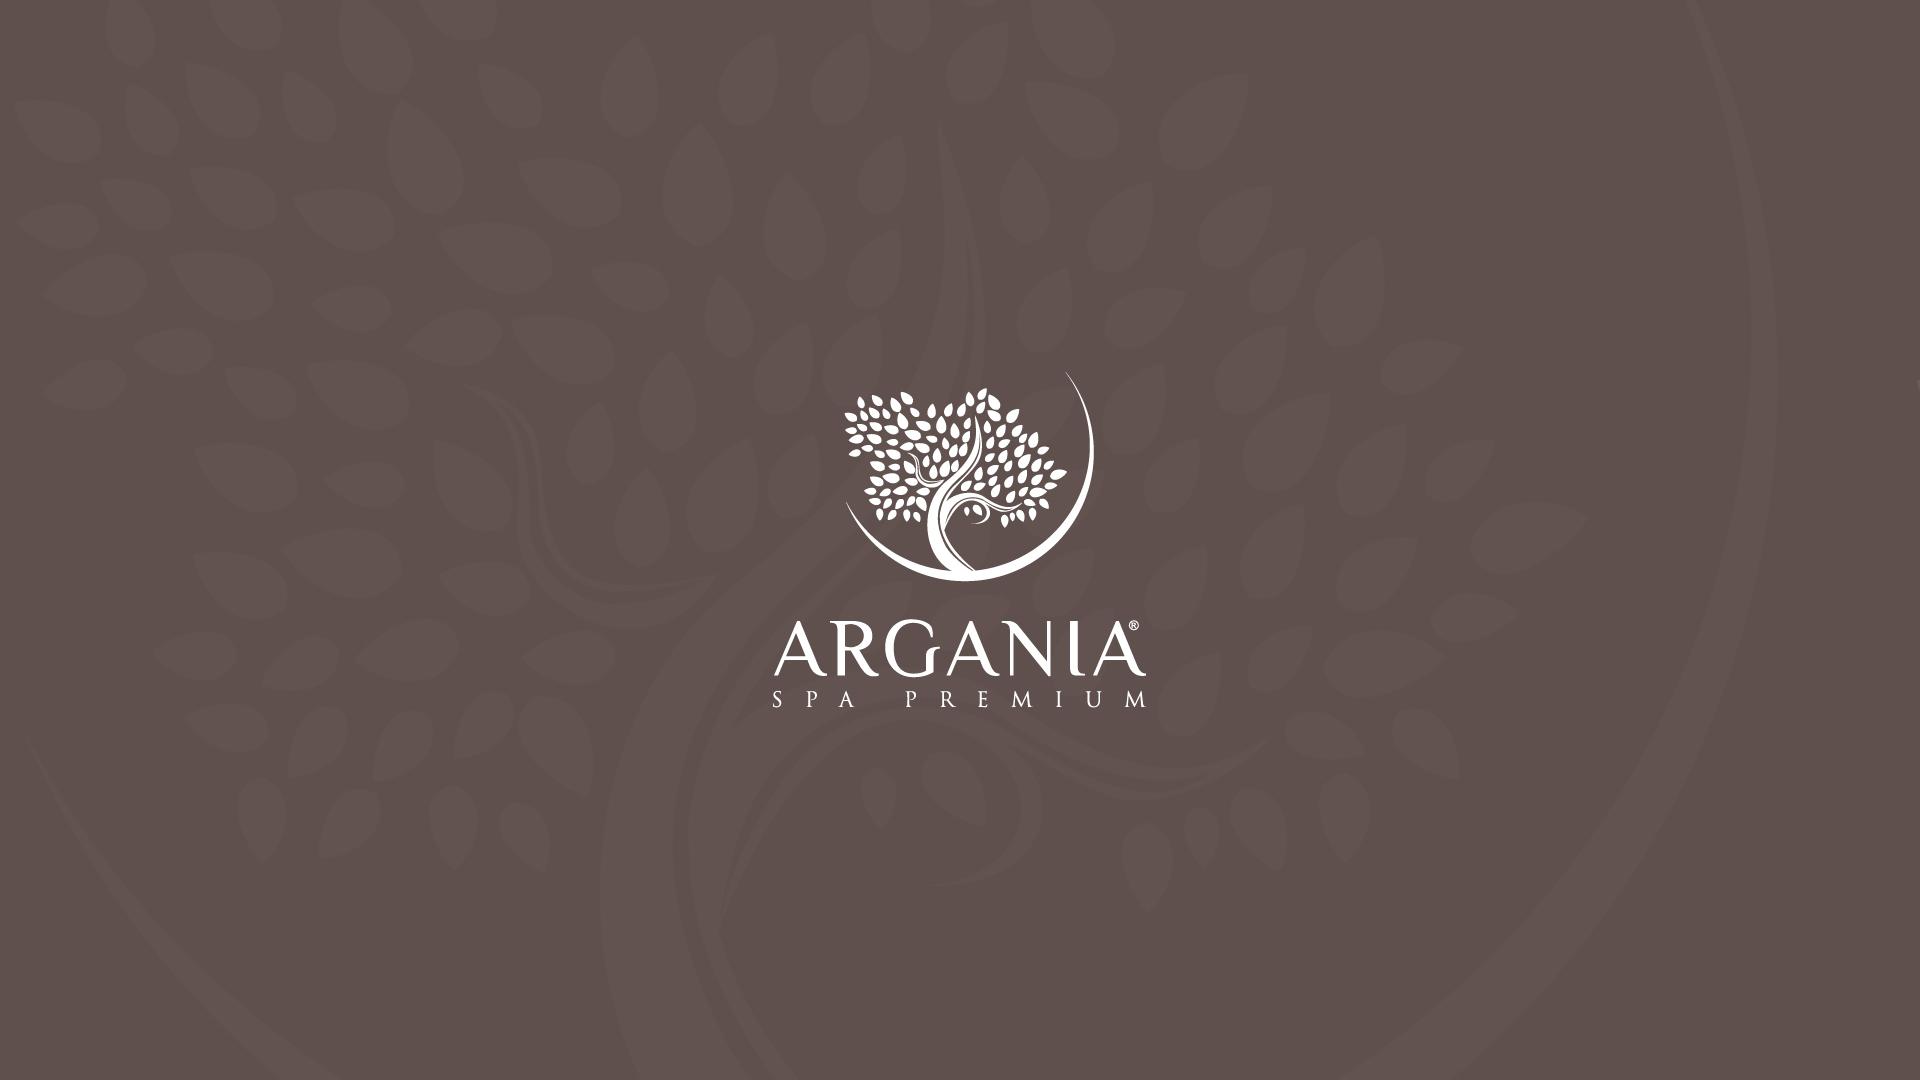 ARGANIA-01.jpg